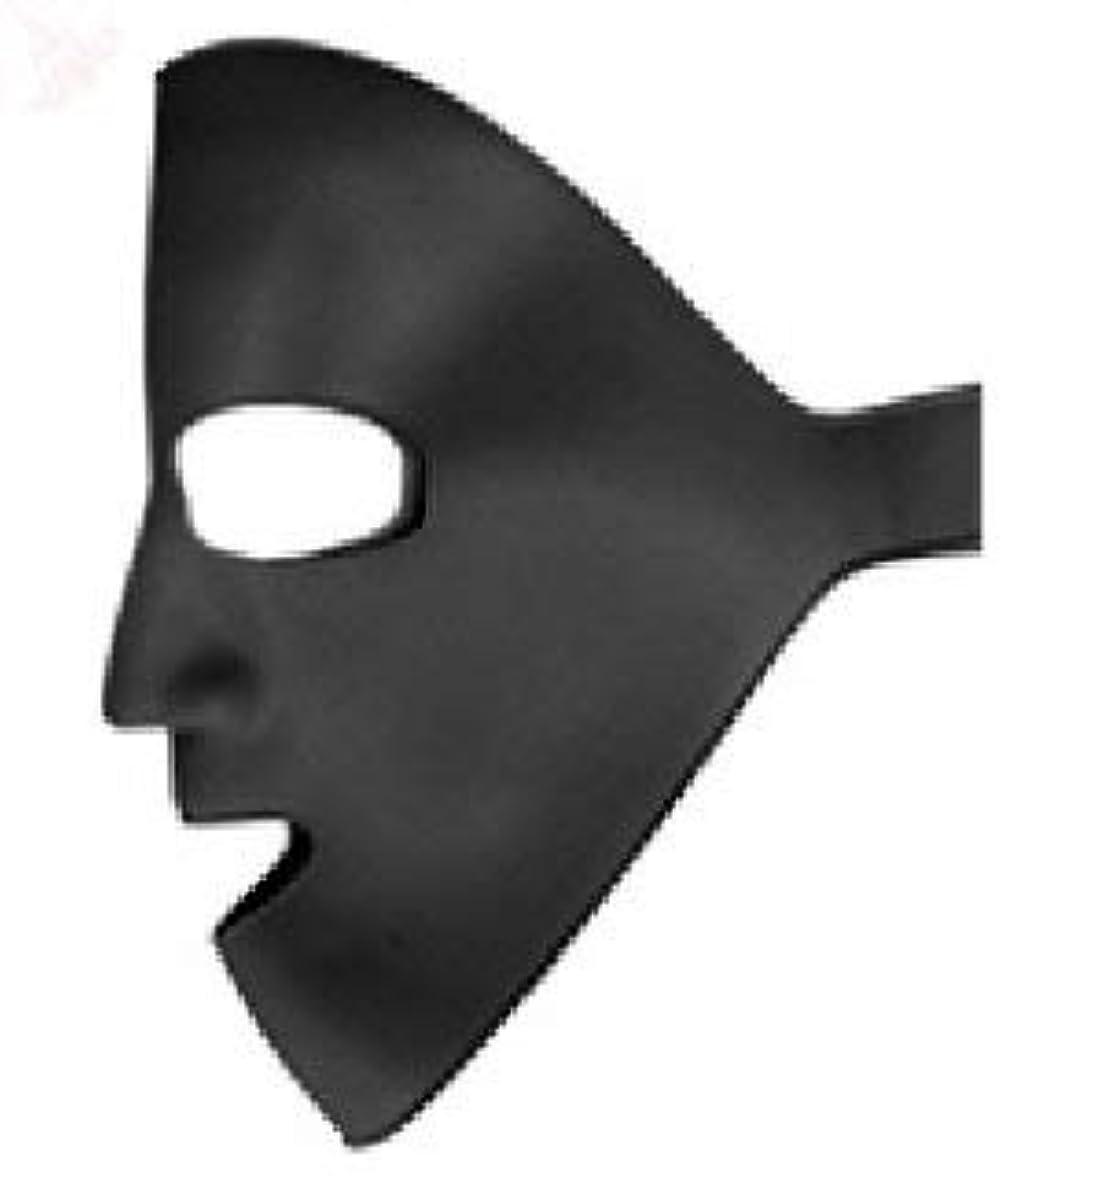 ハシー教育者検出器APHROS(アフロス) フェイスマスク (黒)